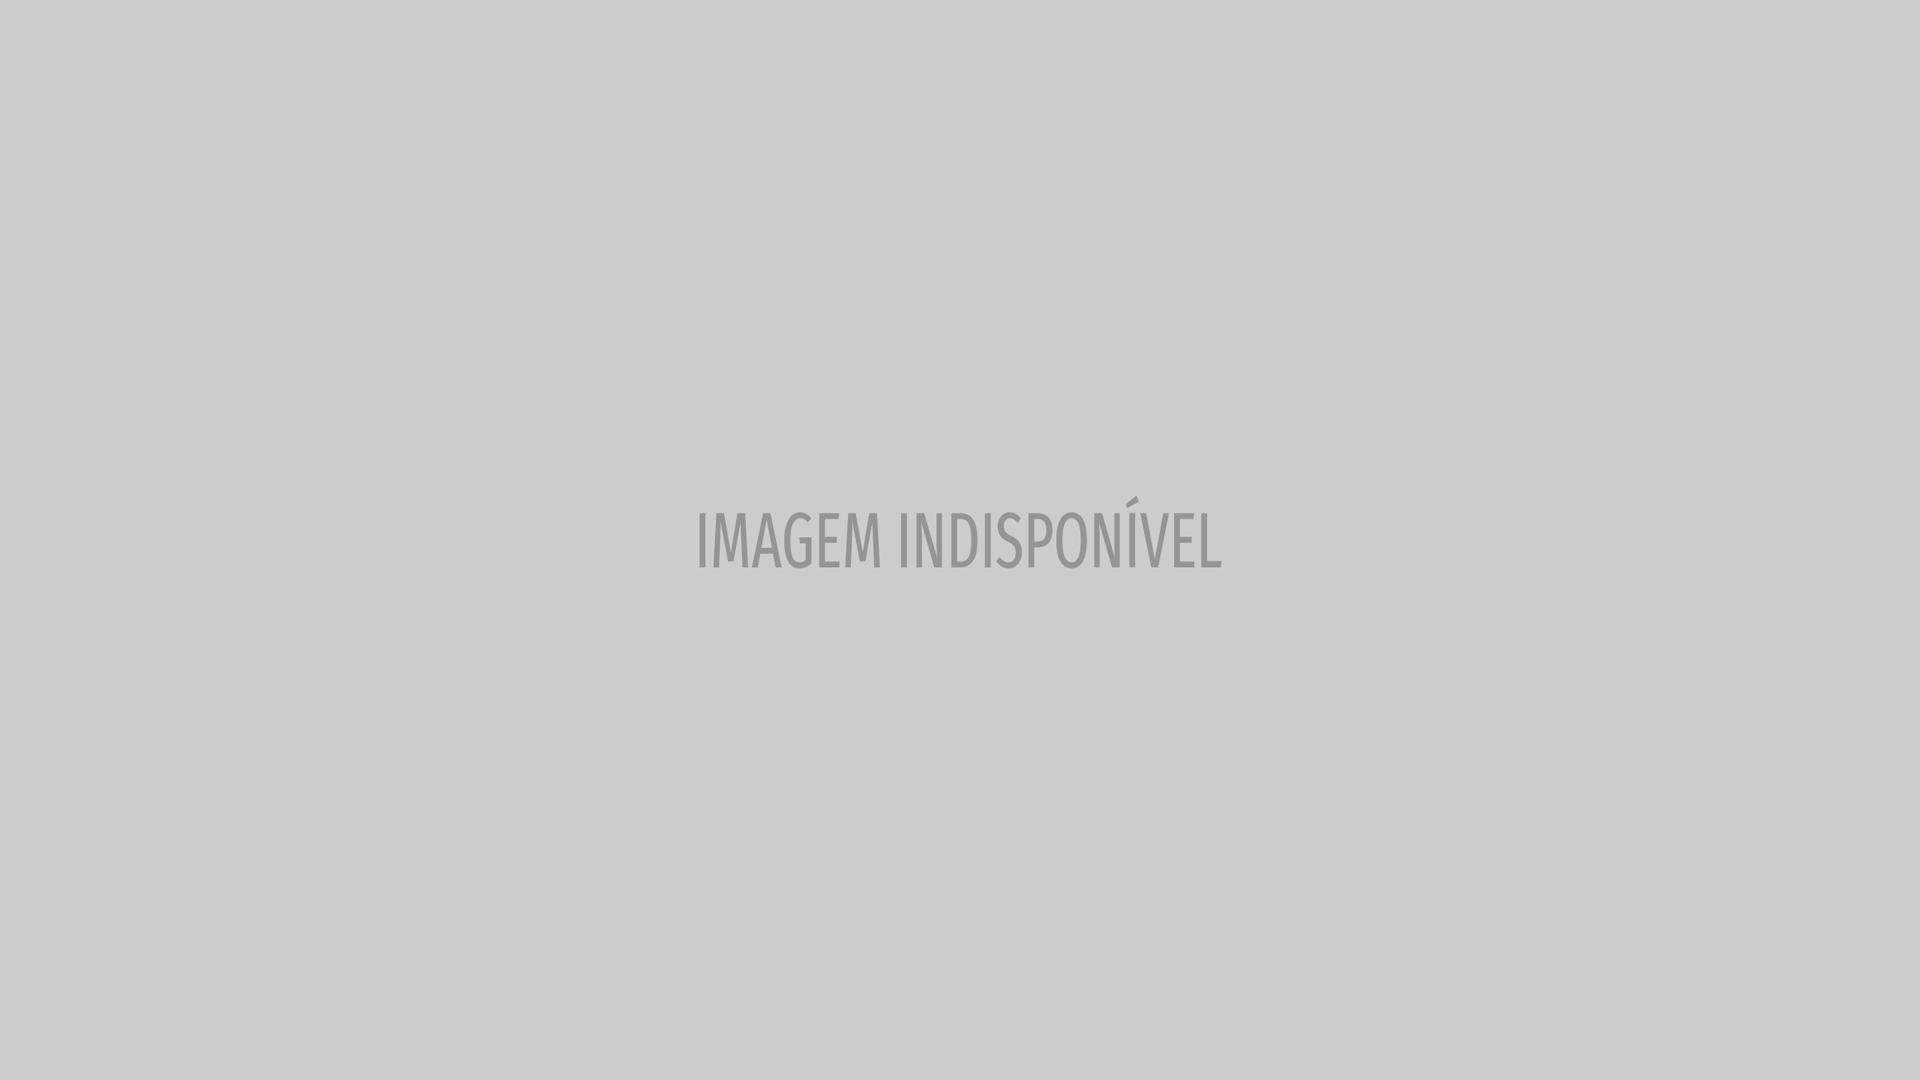 Carla Perez comemora 16 anos de casamento com Xanddy; assista vídeo